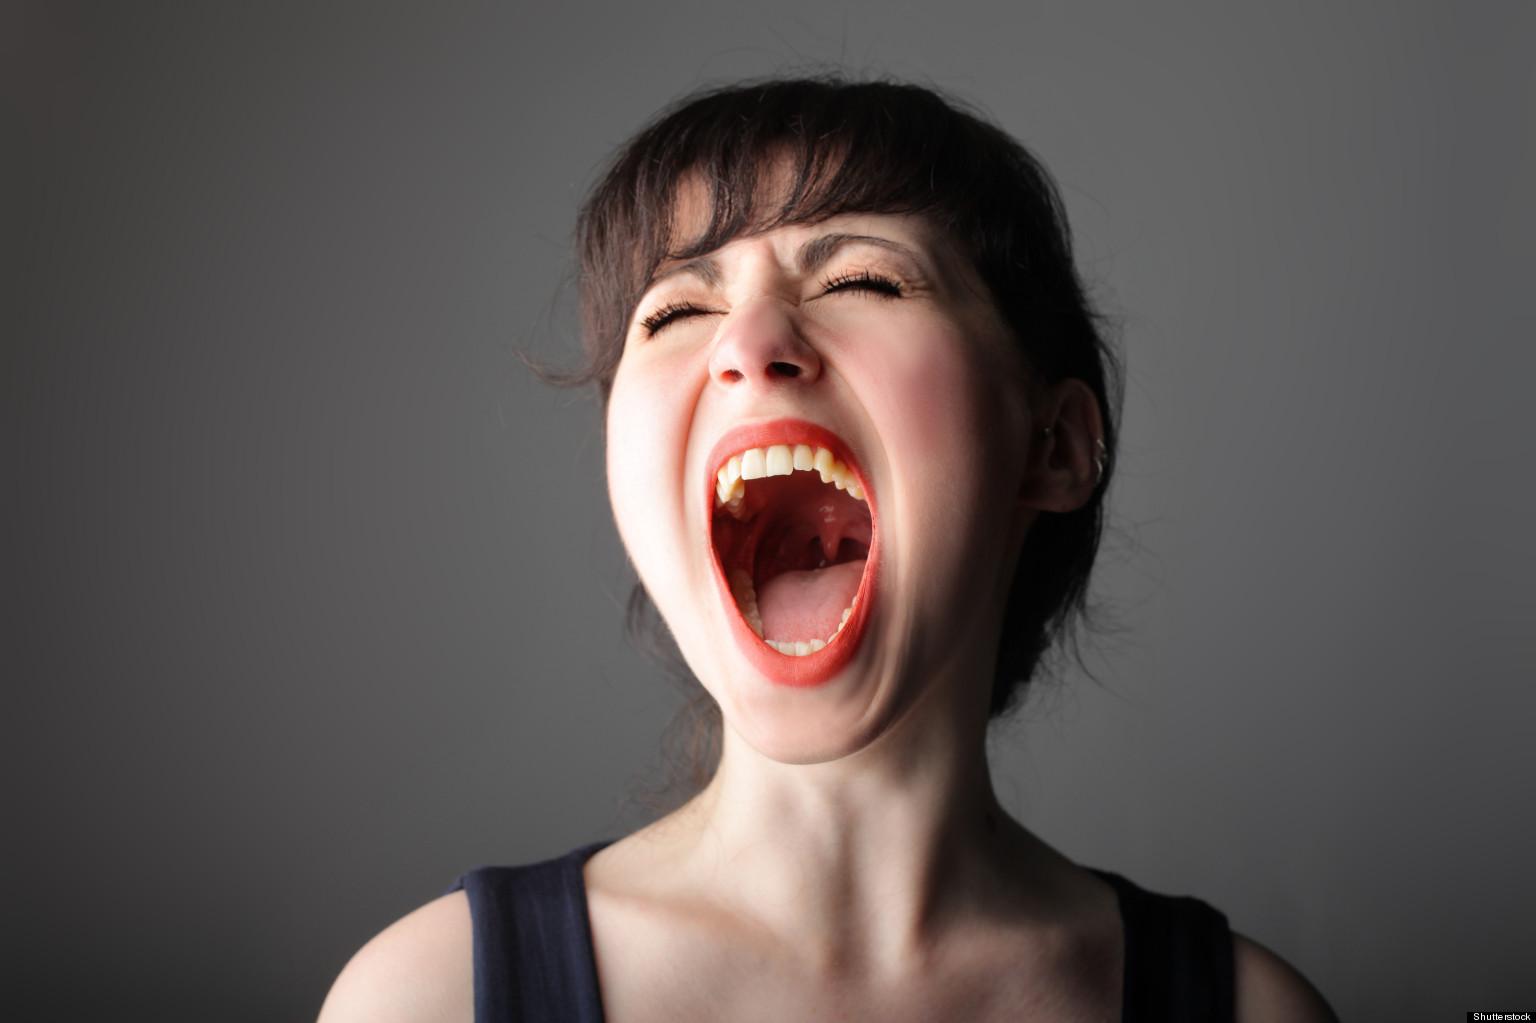 Фото вашего рта 5 фотография